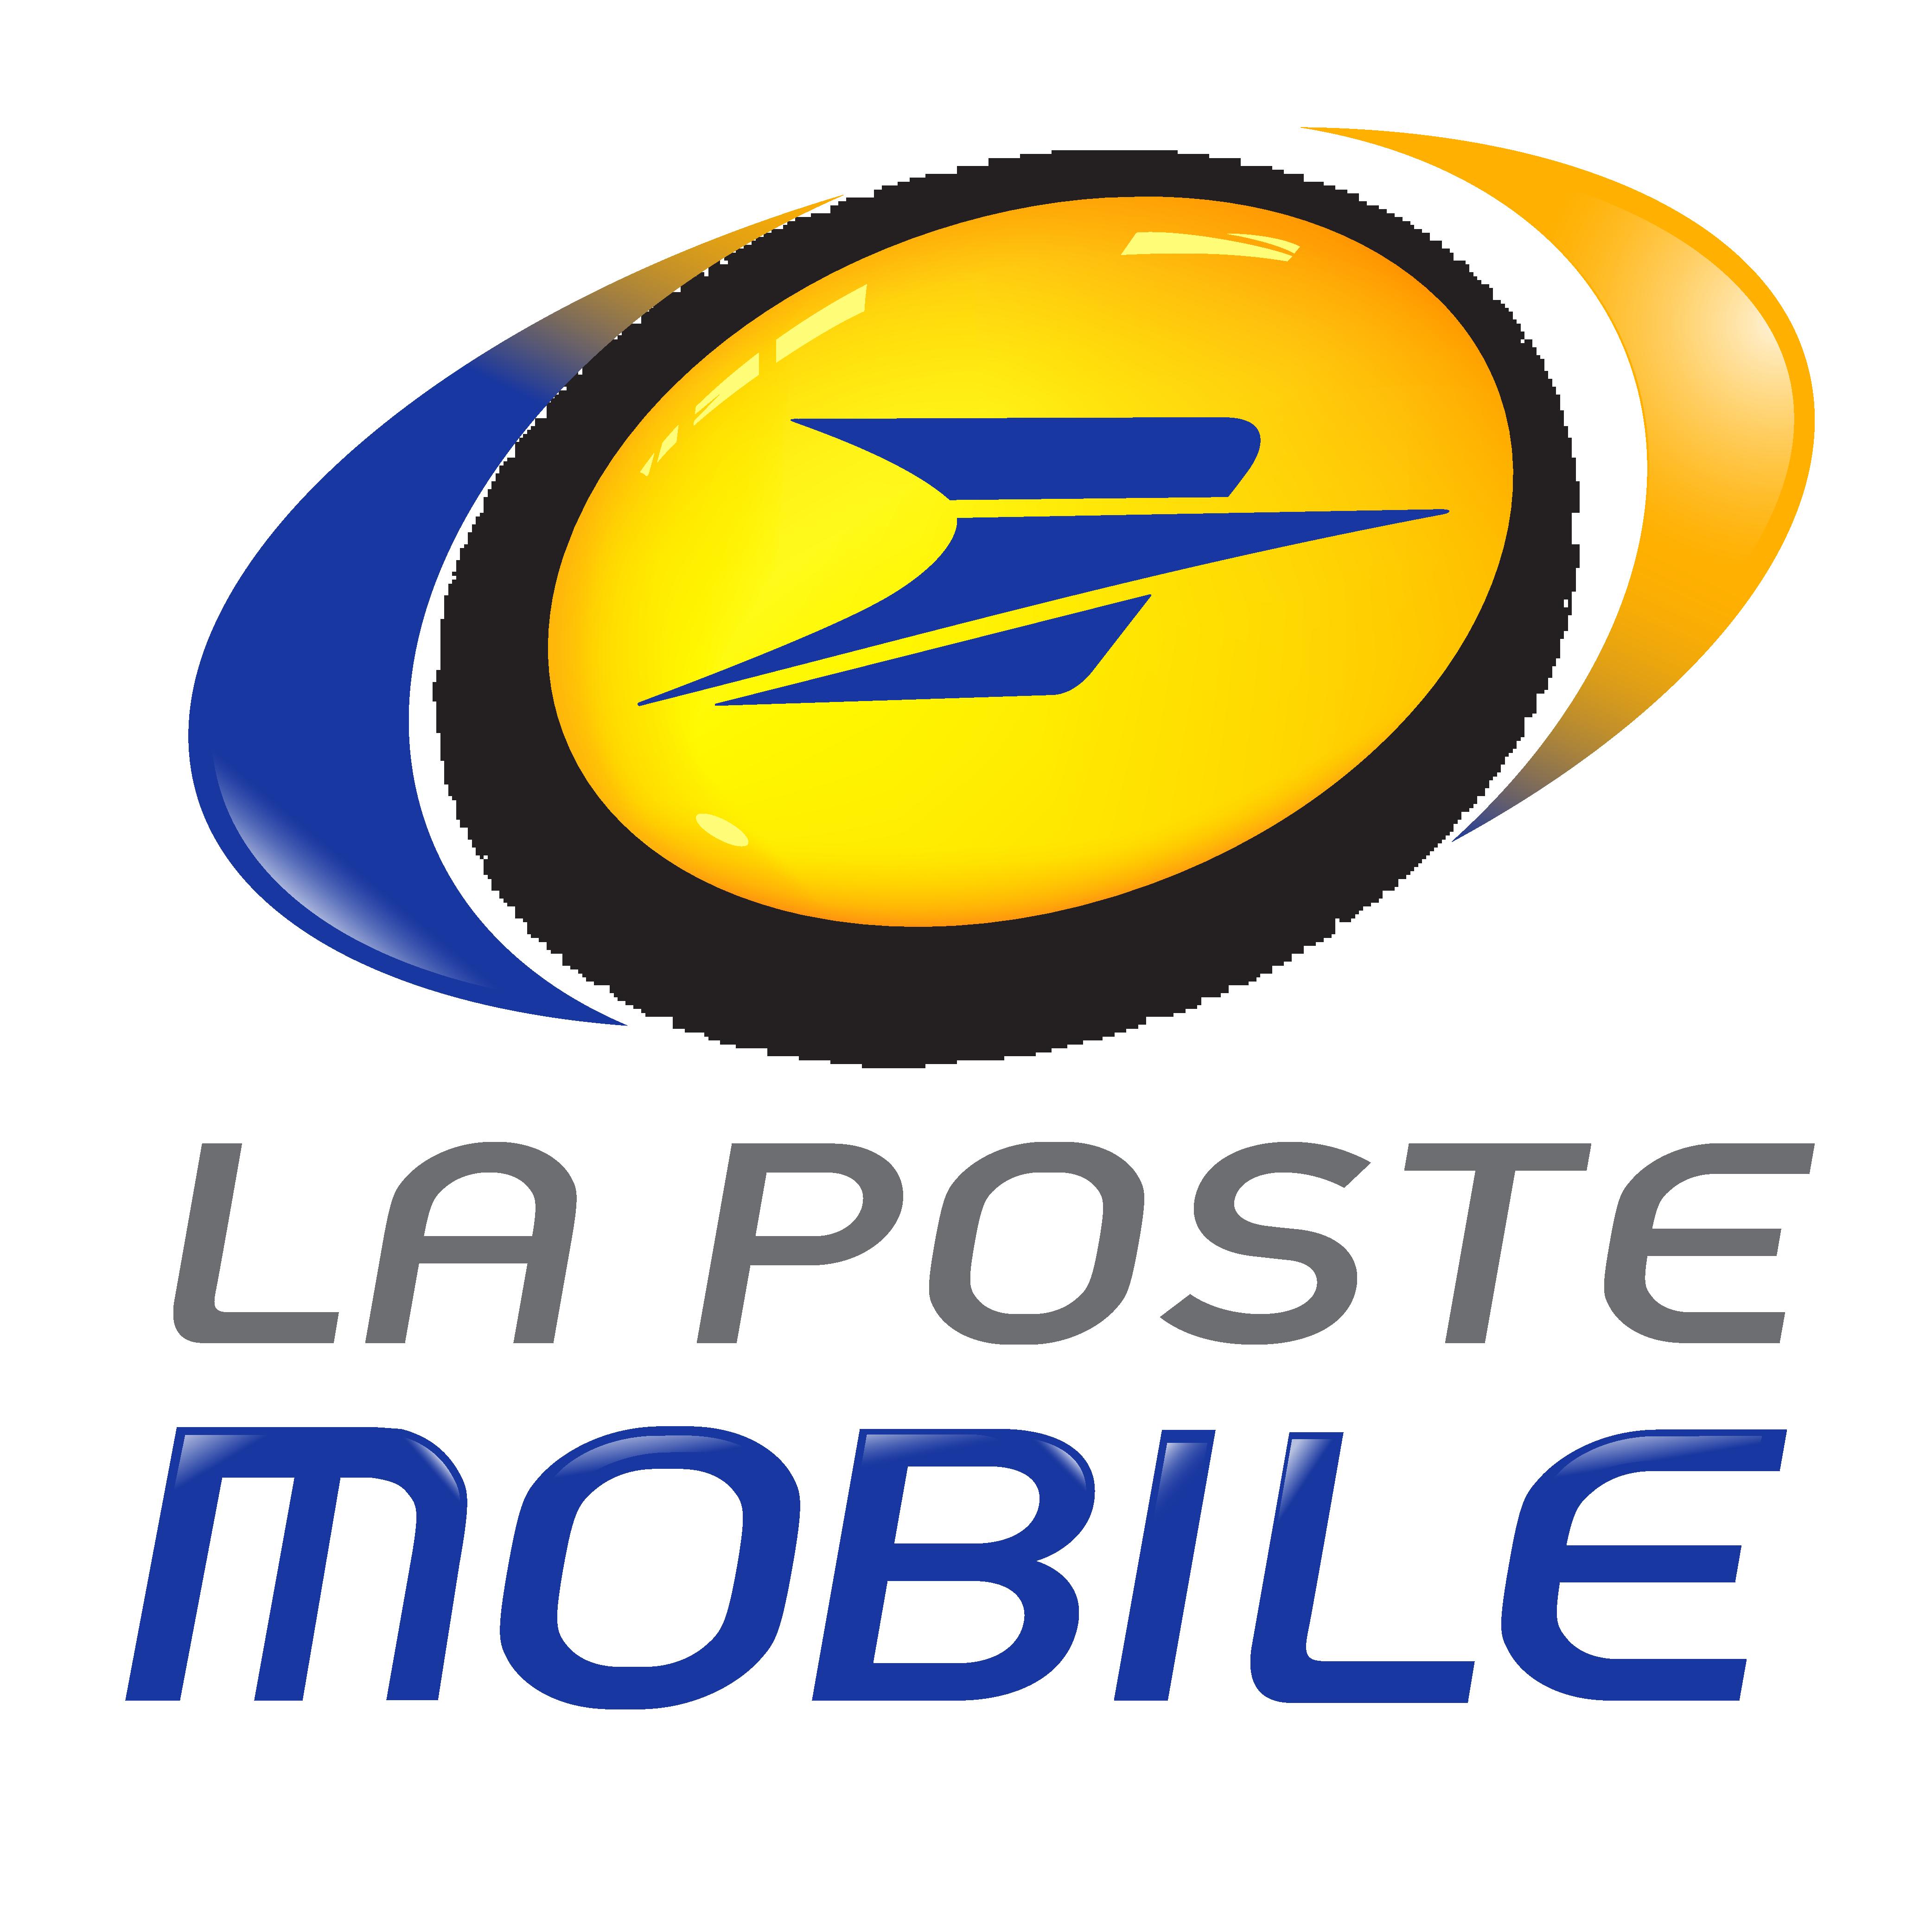 image logo de la poste